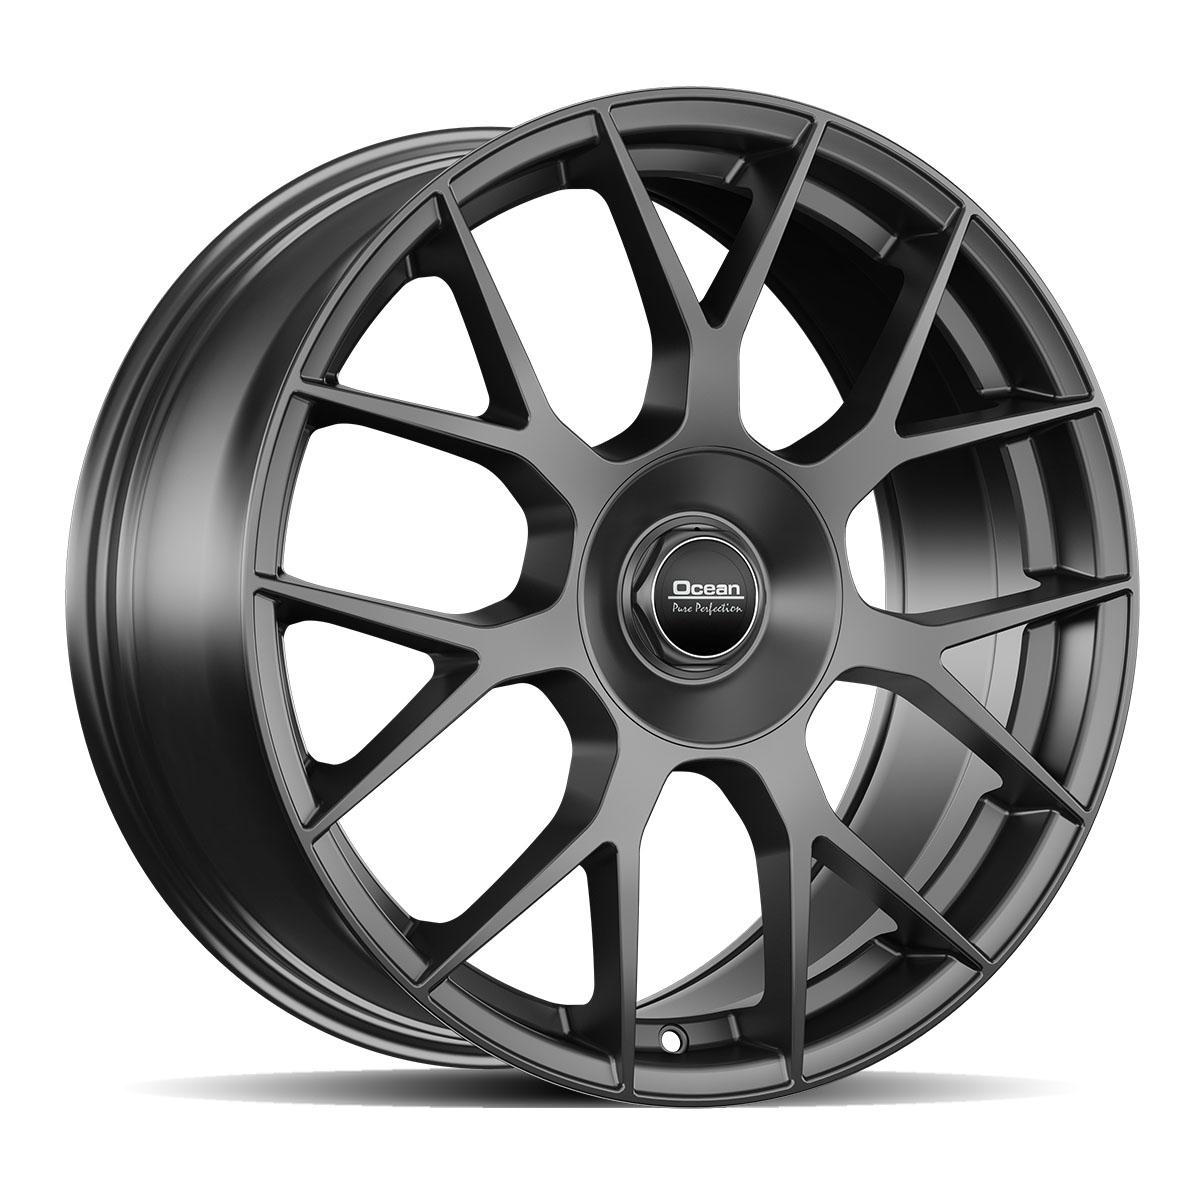 Race – Nyt fælg fra Ocean Wheels